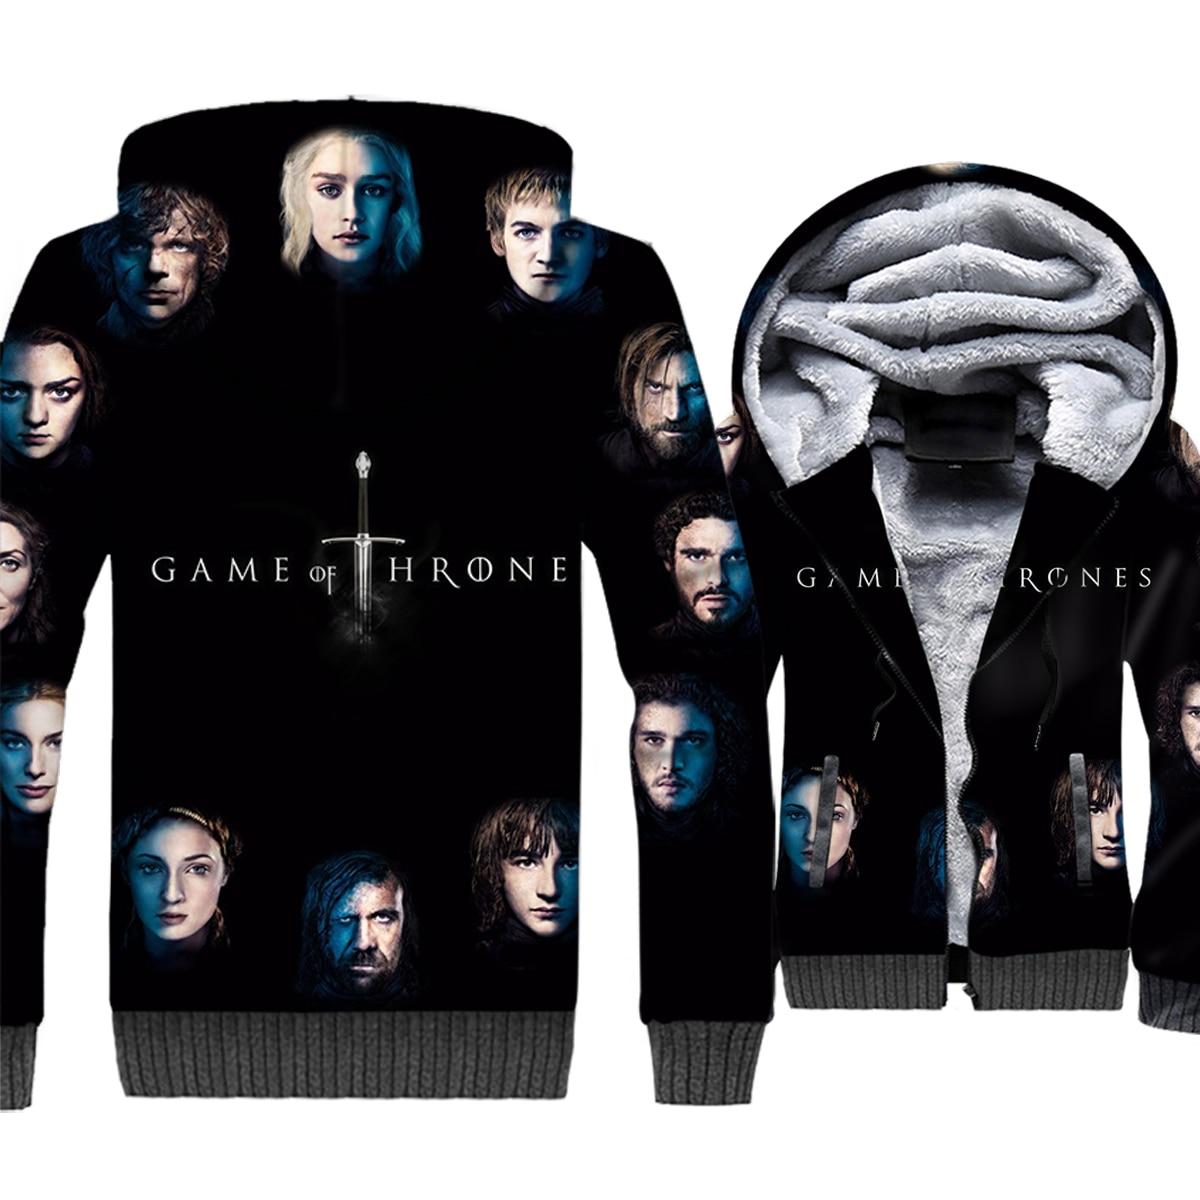 Game of Thrones 3D Print Hoodie Men House Stark Hooded Sweatshirt Winter Thick Fleece Warm Zip up Coat House Targaryen Jacket